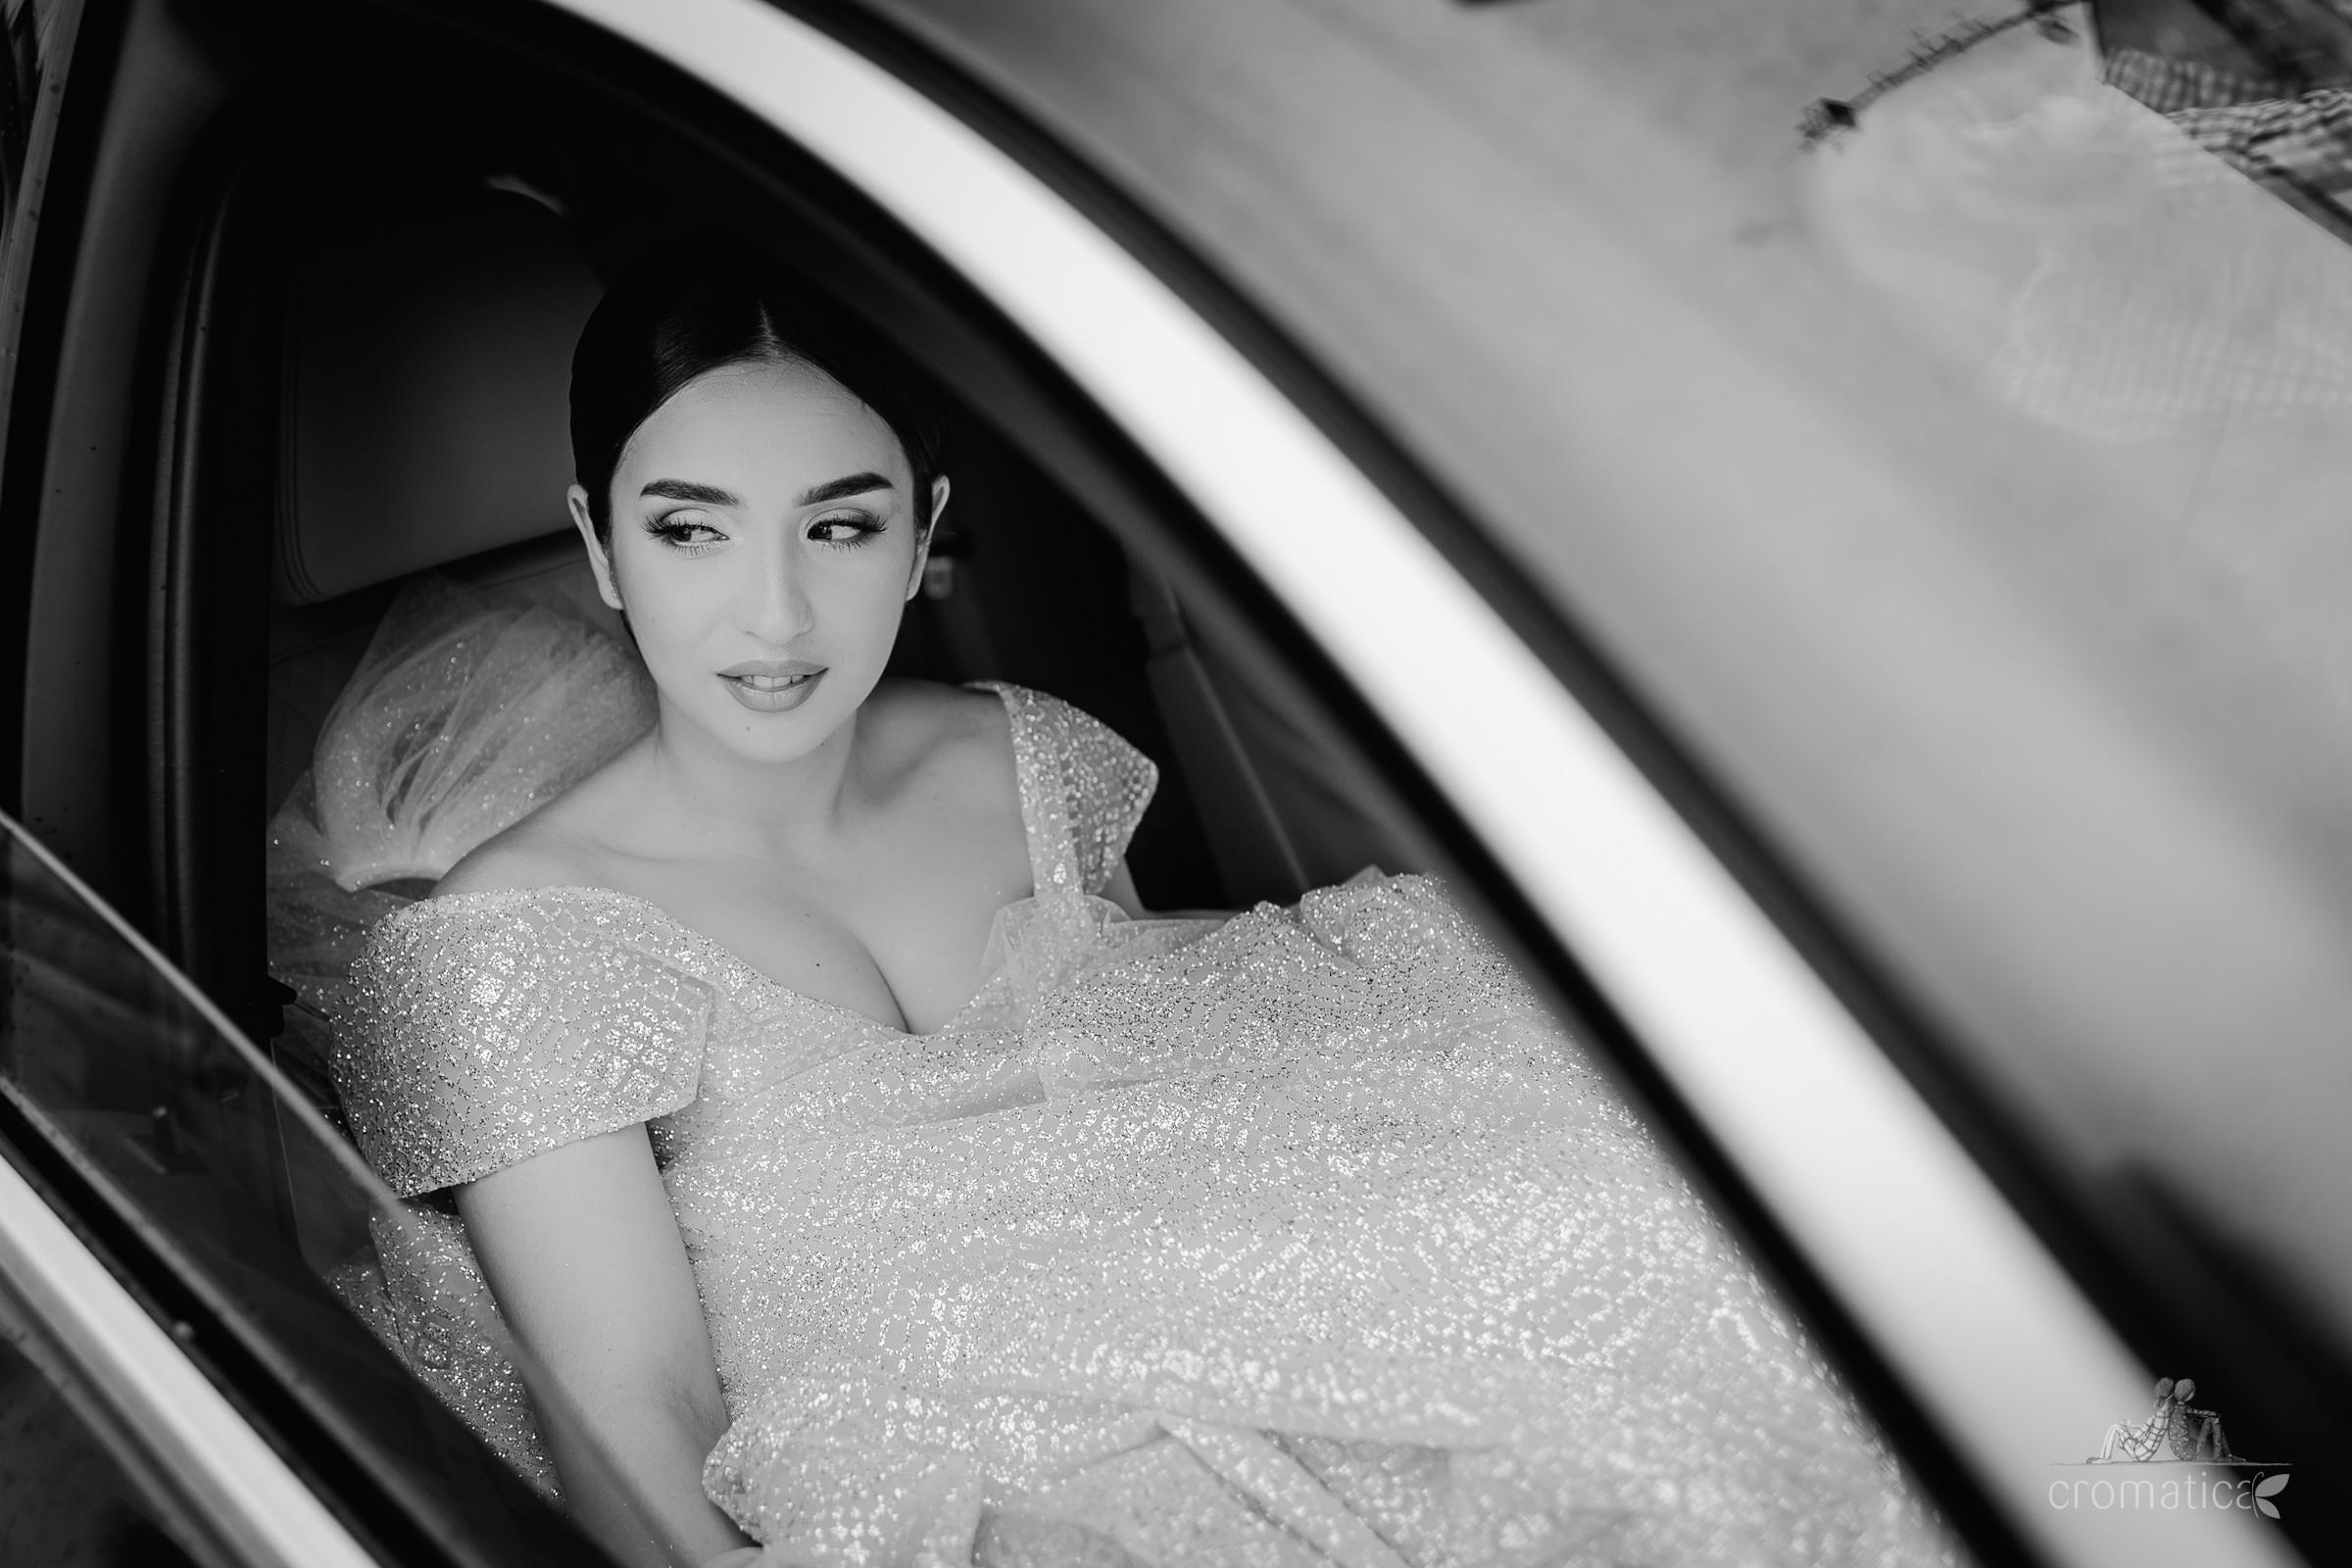 oana alex fotografii nunta rm valcea 020